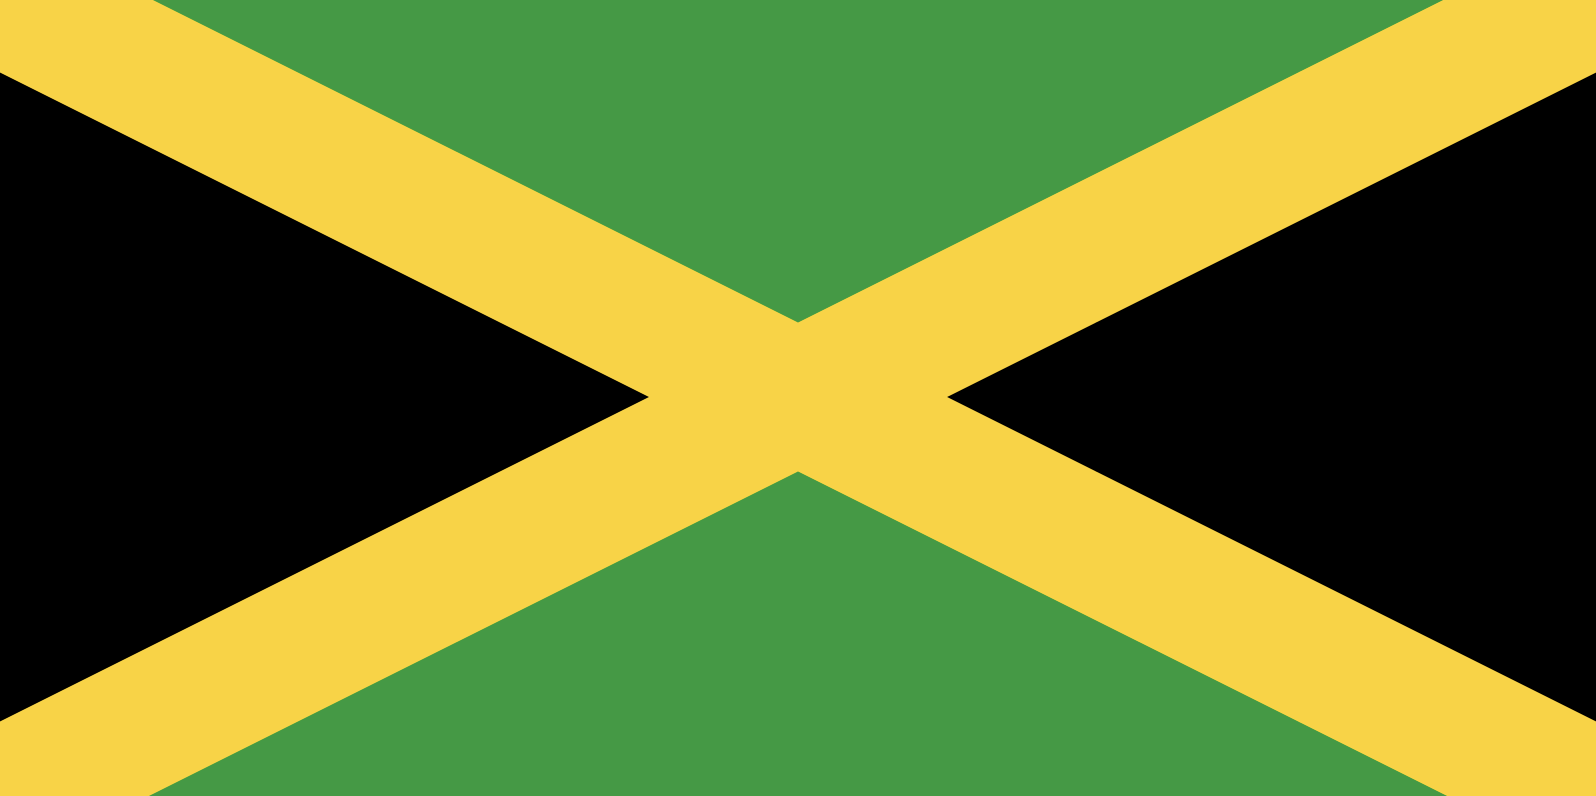 Le drapeau de la Jamaïque